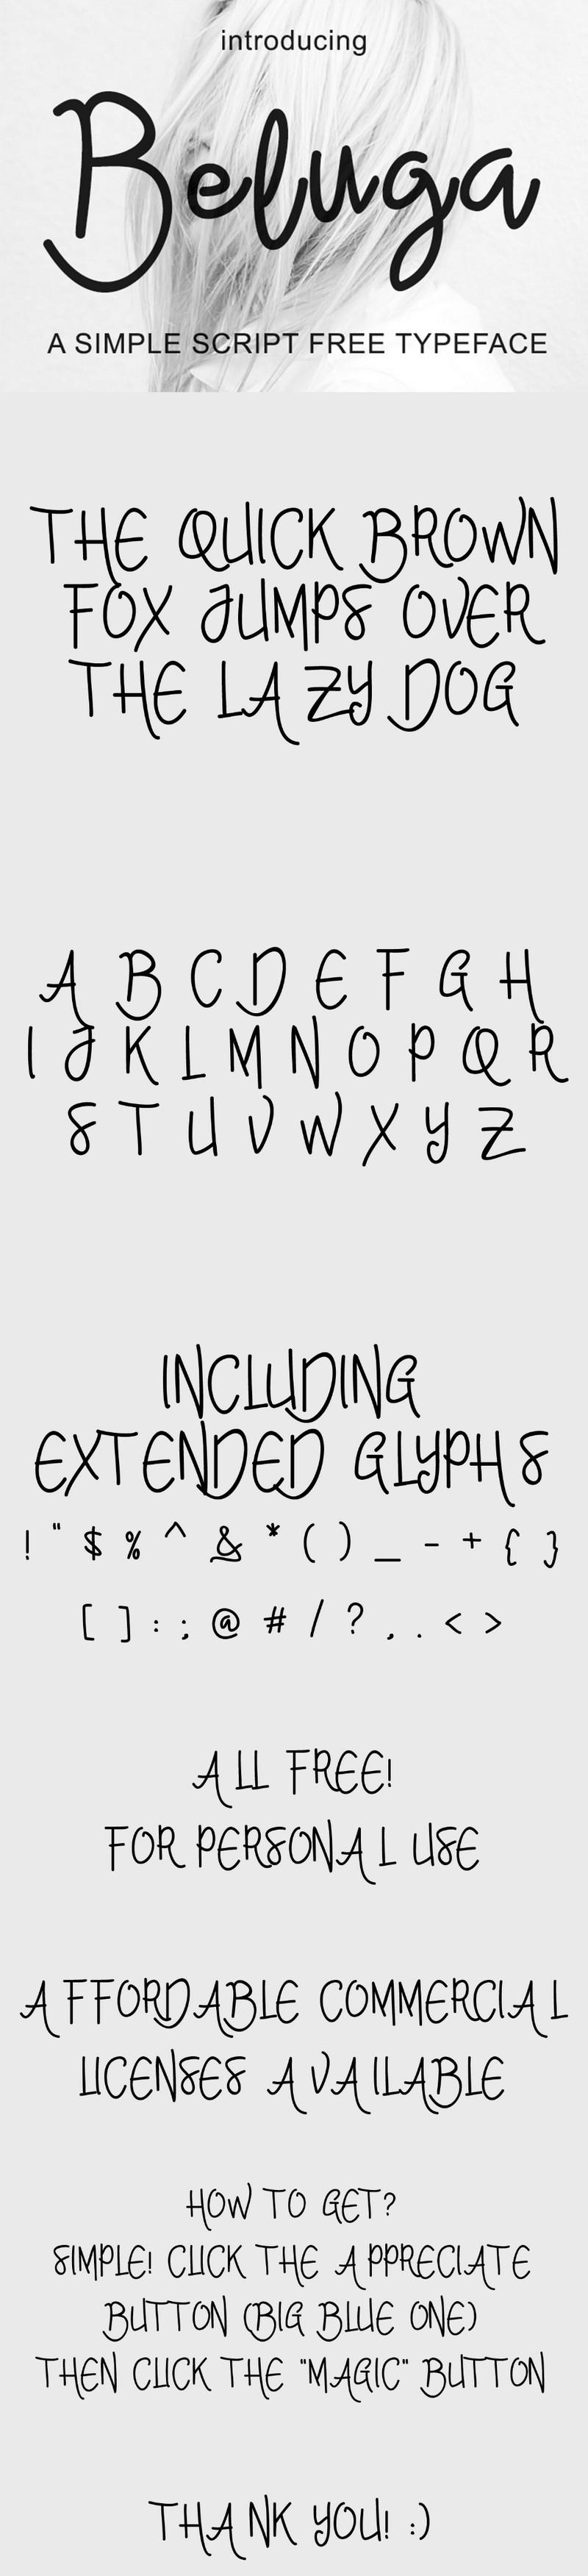 beluga-script-font